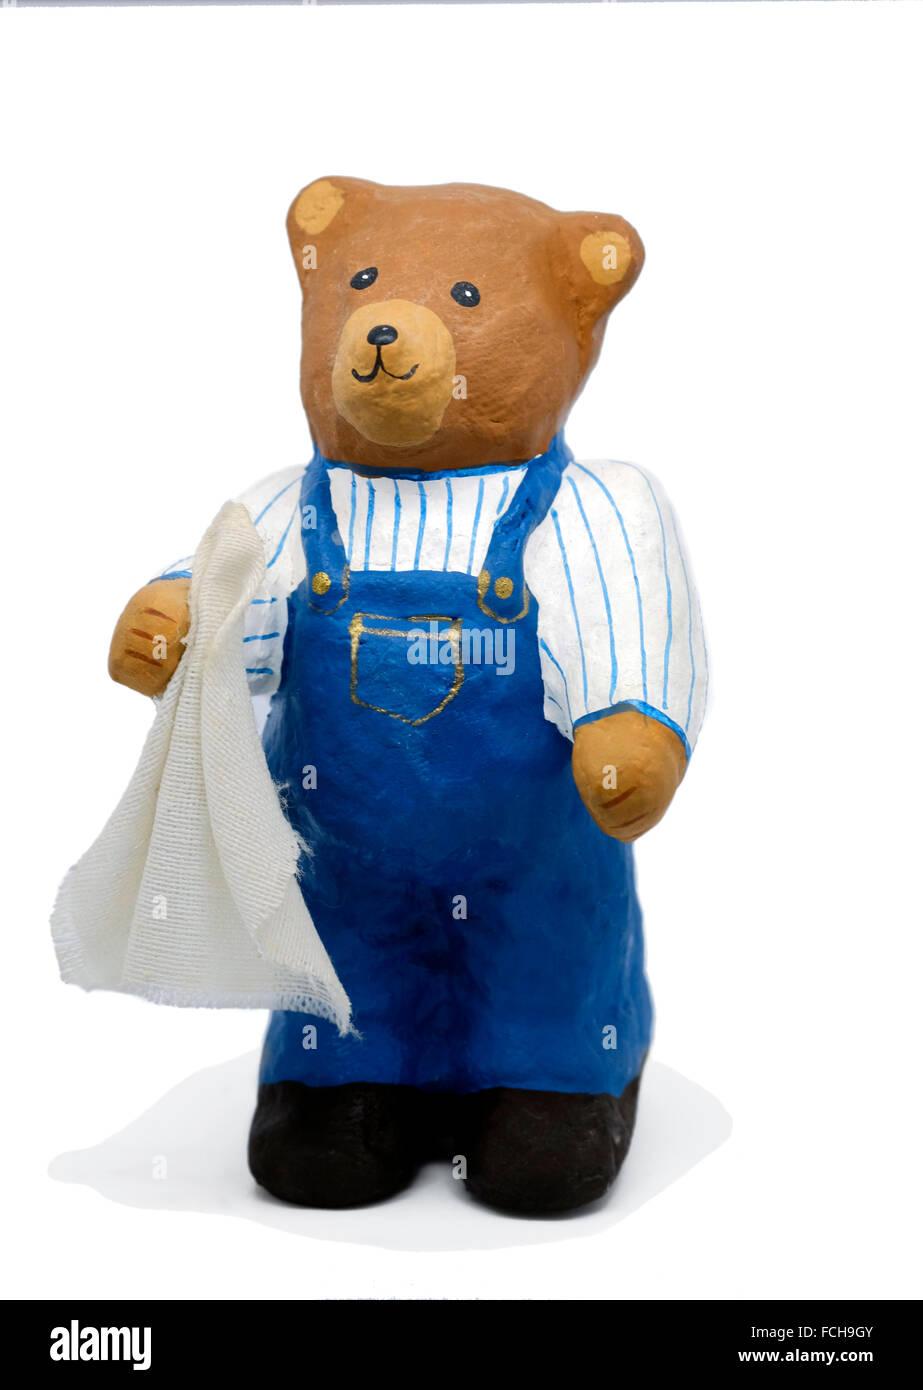 Tiny teddy bear ornament souvenir keepsake - Stock Image